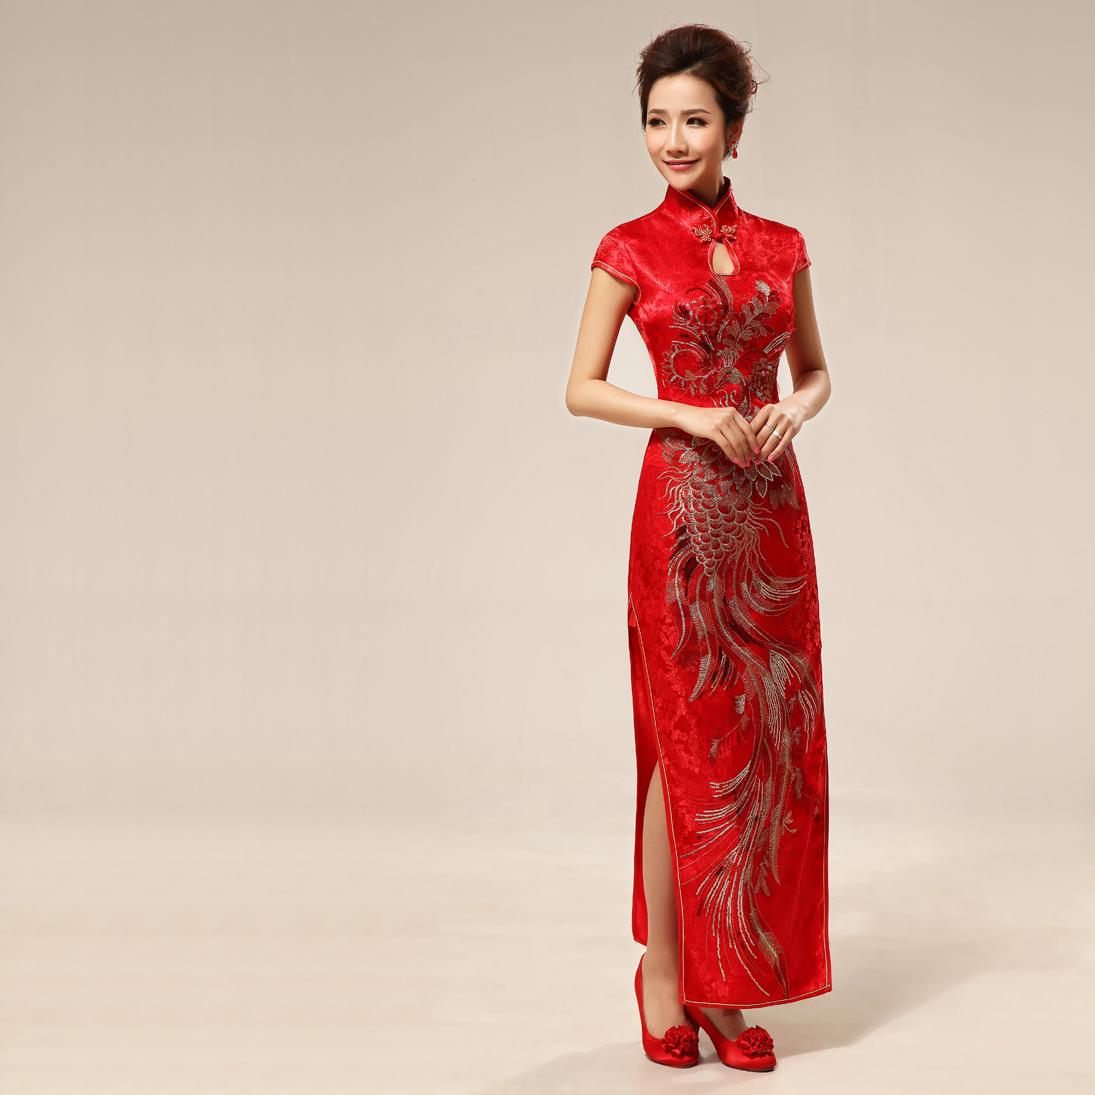 wedding dresses china photo - 1